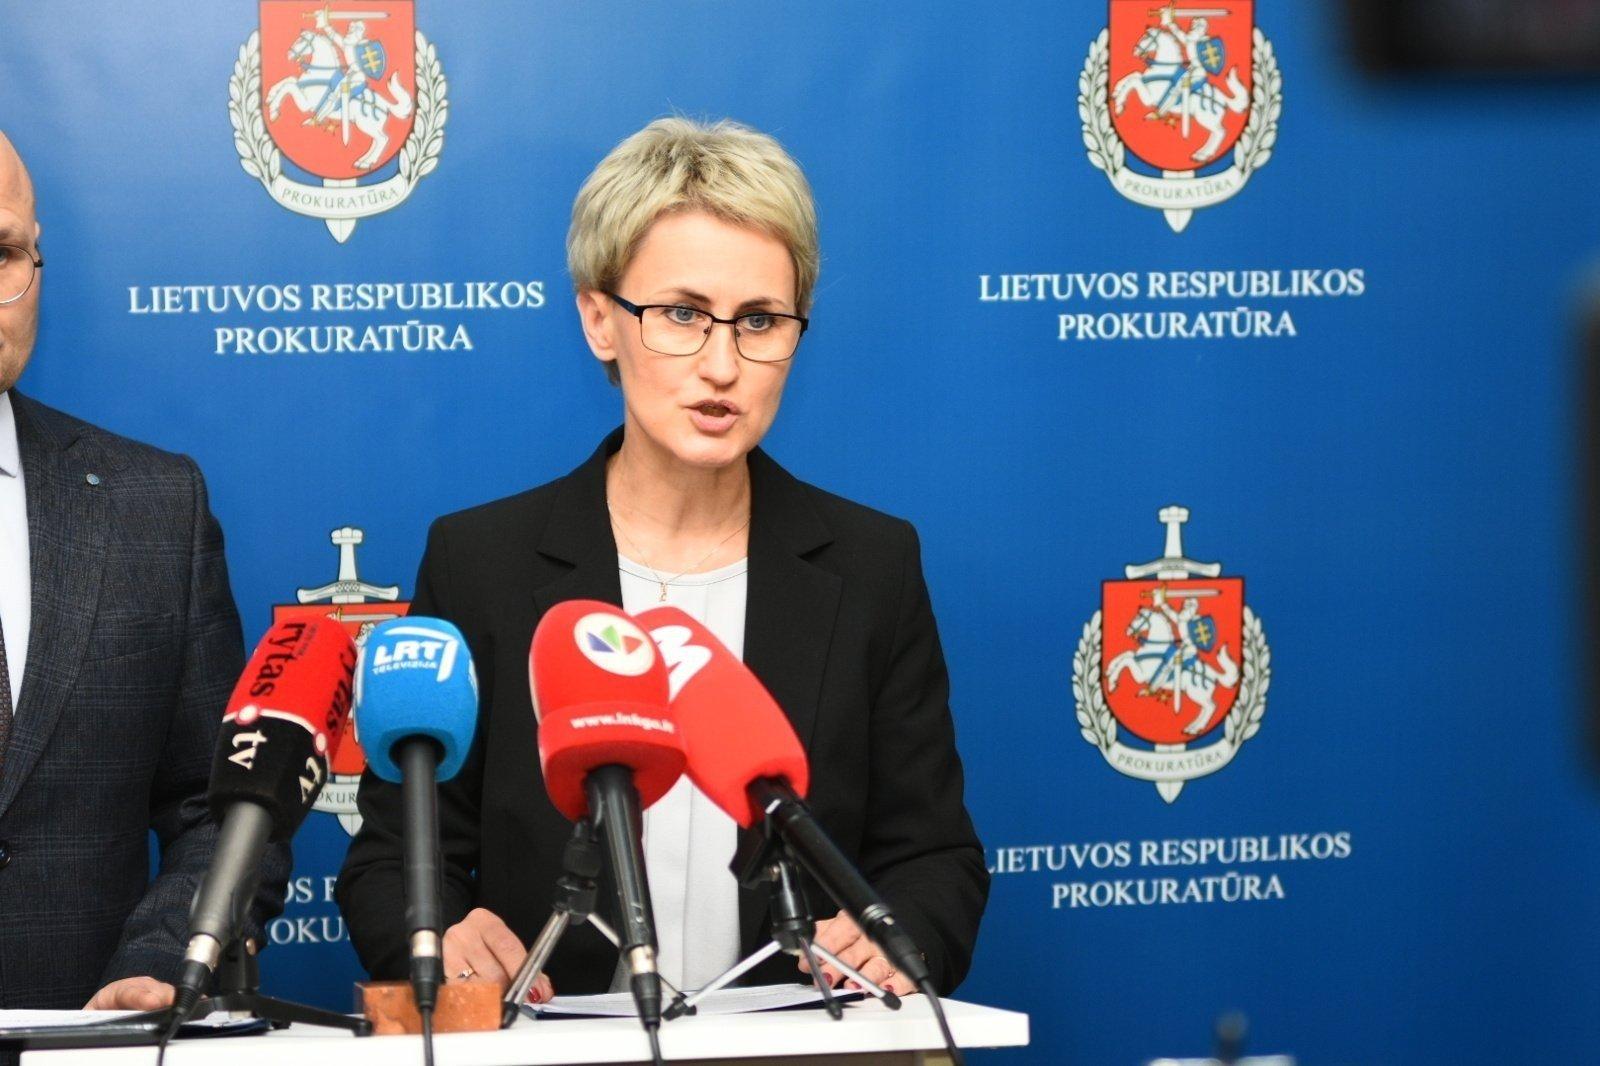 Prezidentas paskyrė N. Grunskienę generaline prokurore